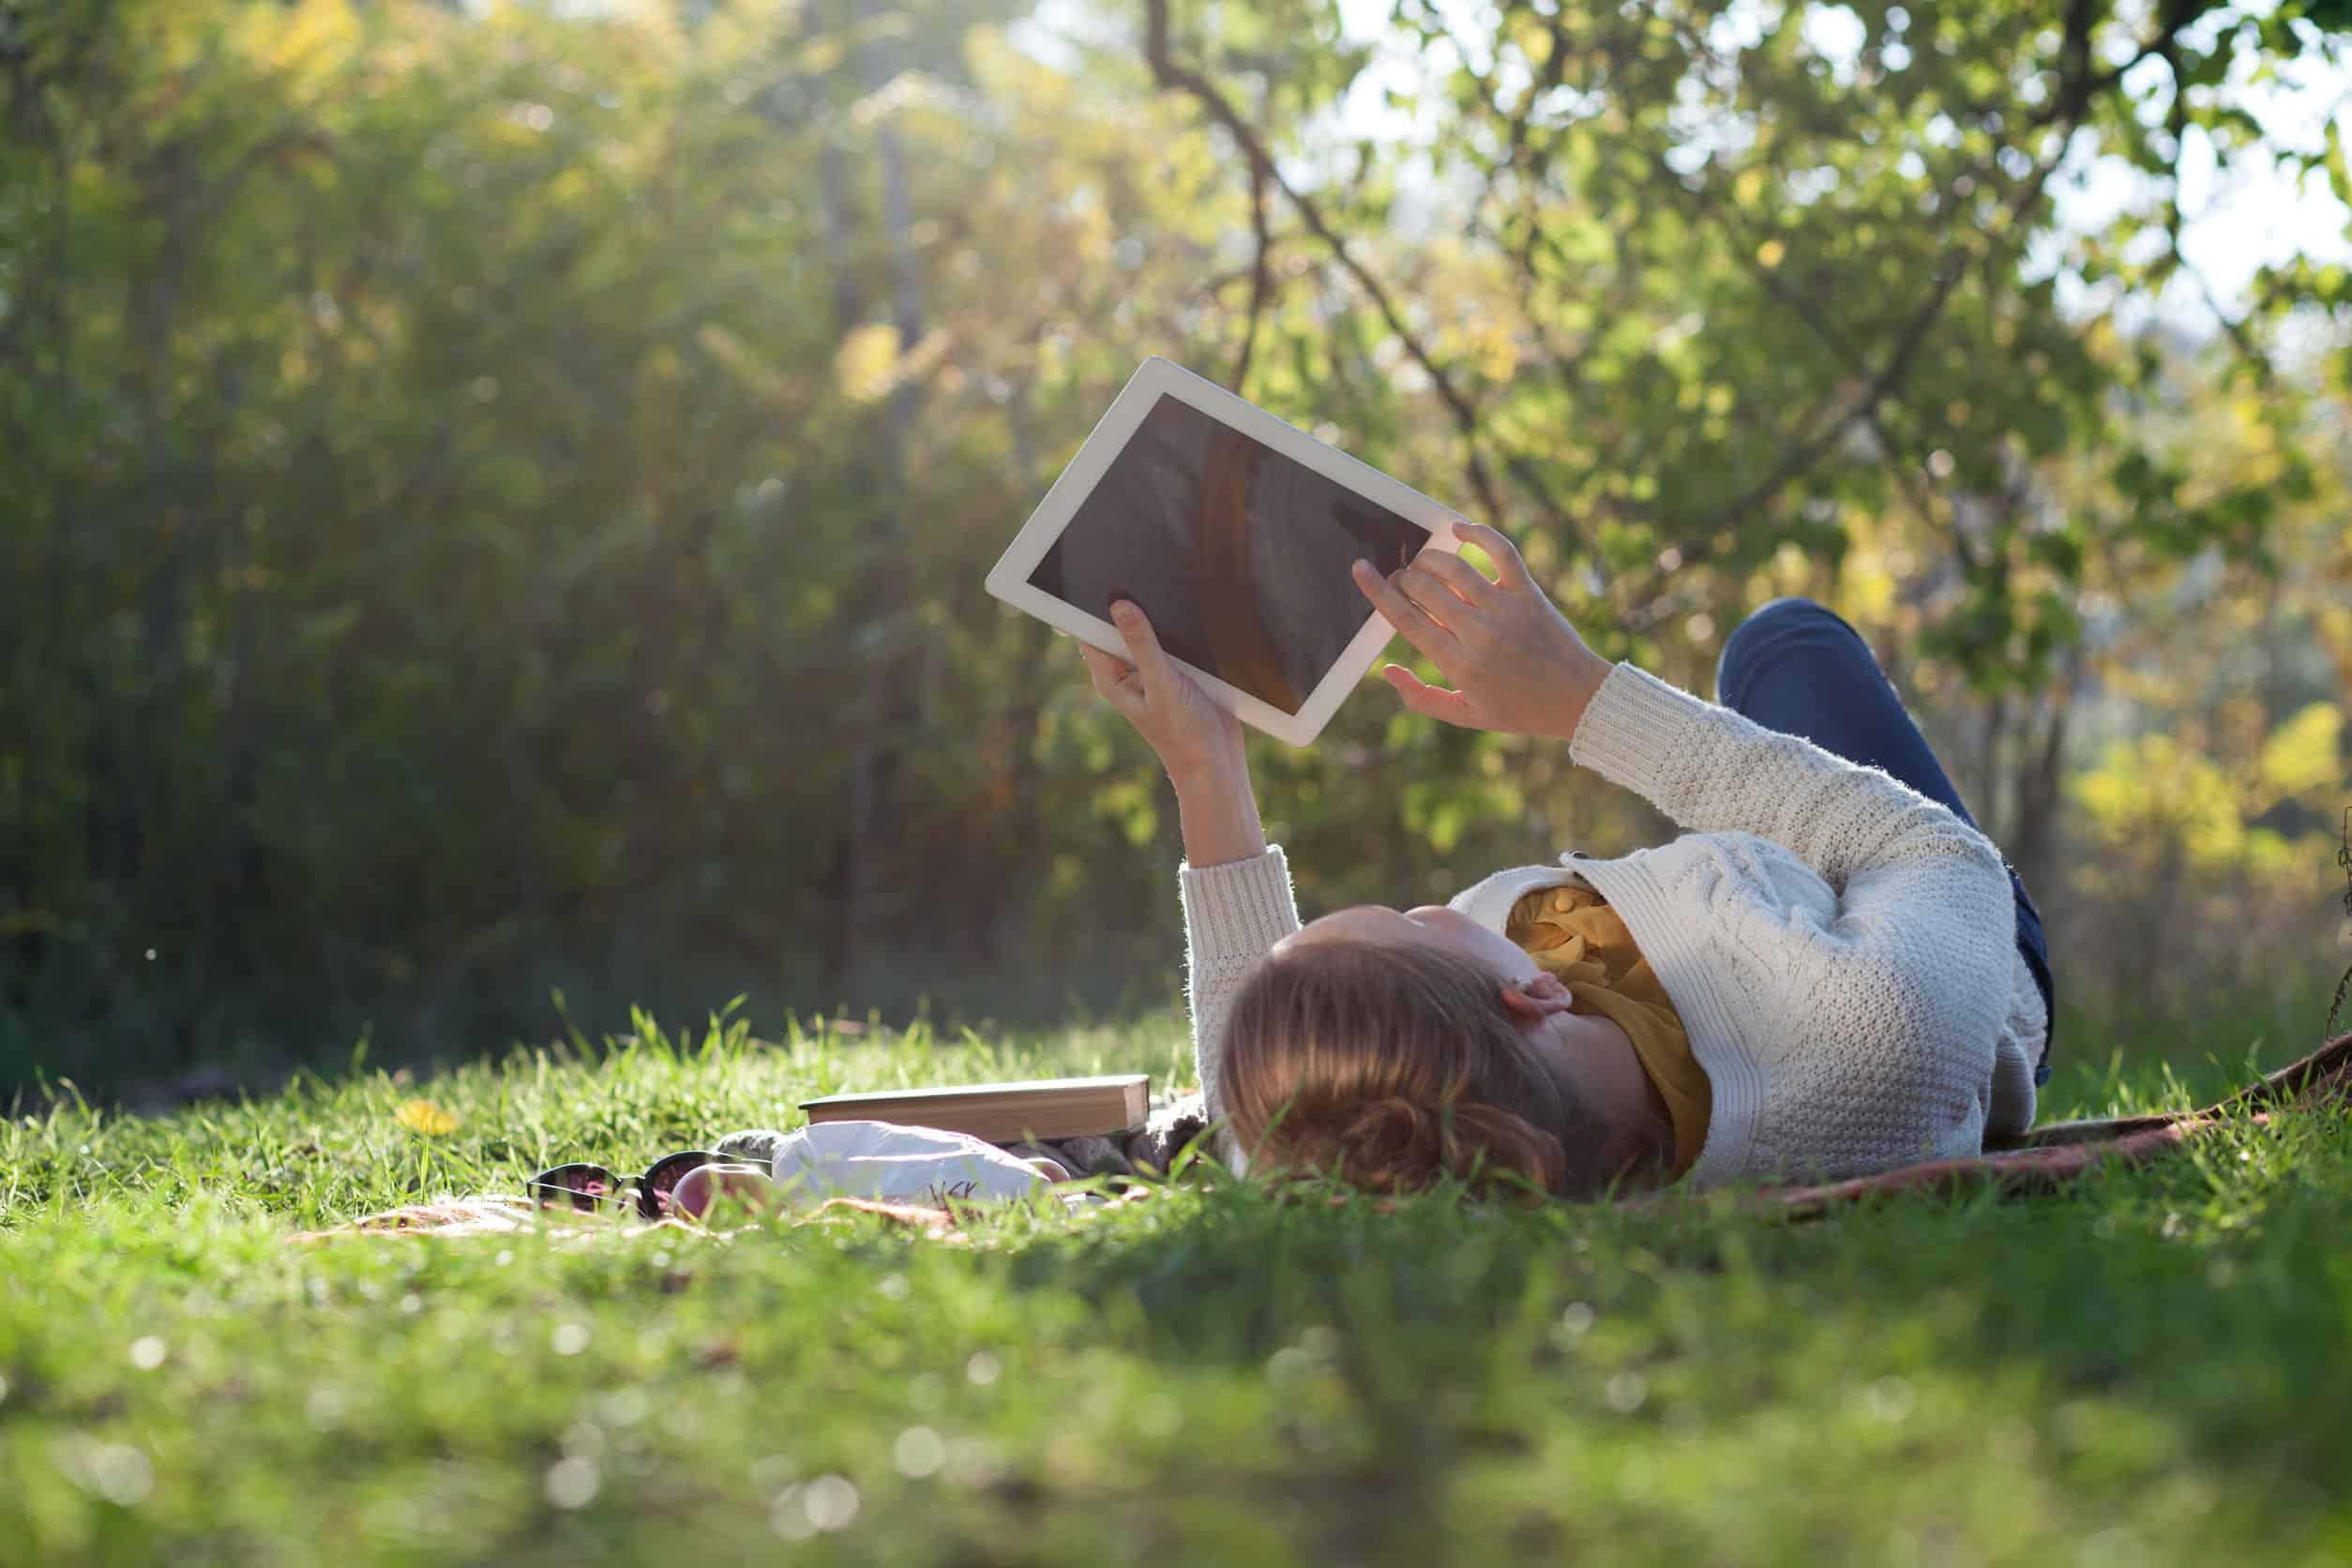 Garota lendo em seu e-reader em parque.